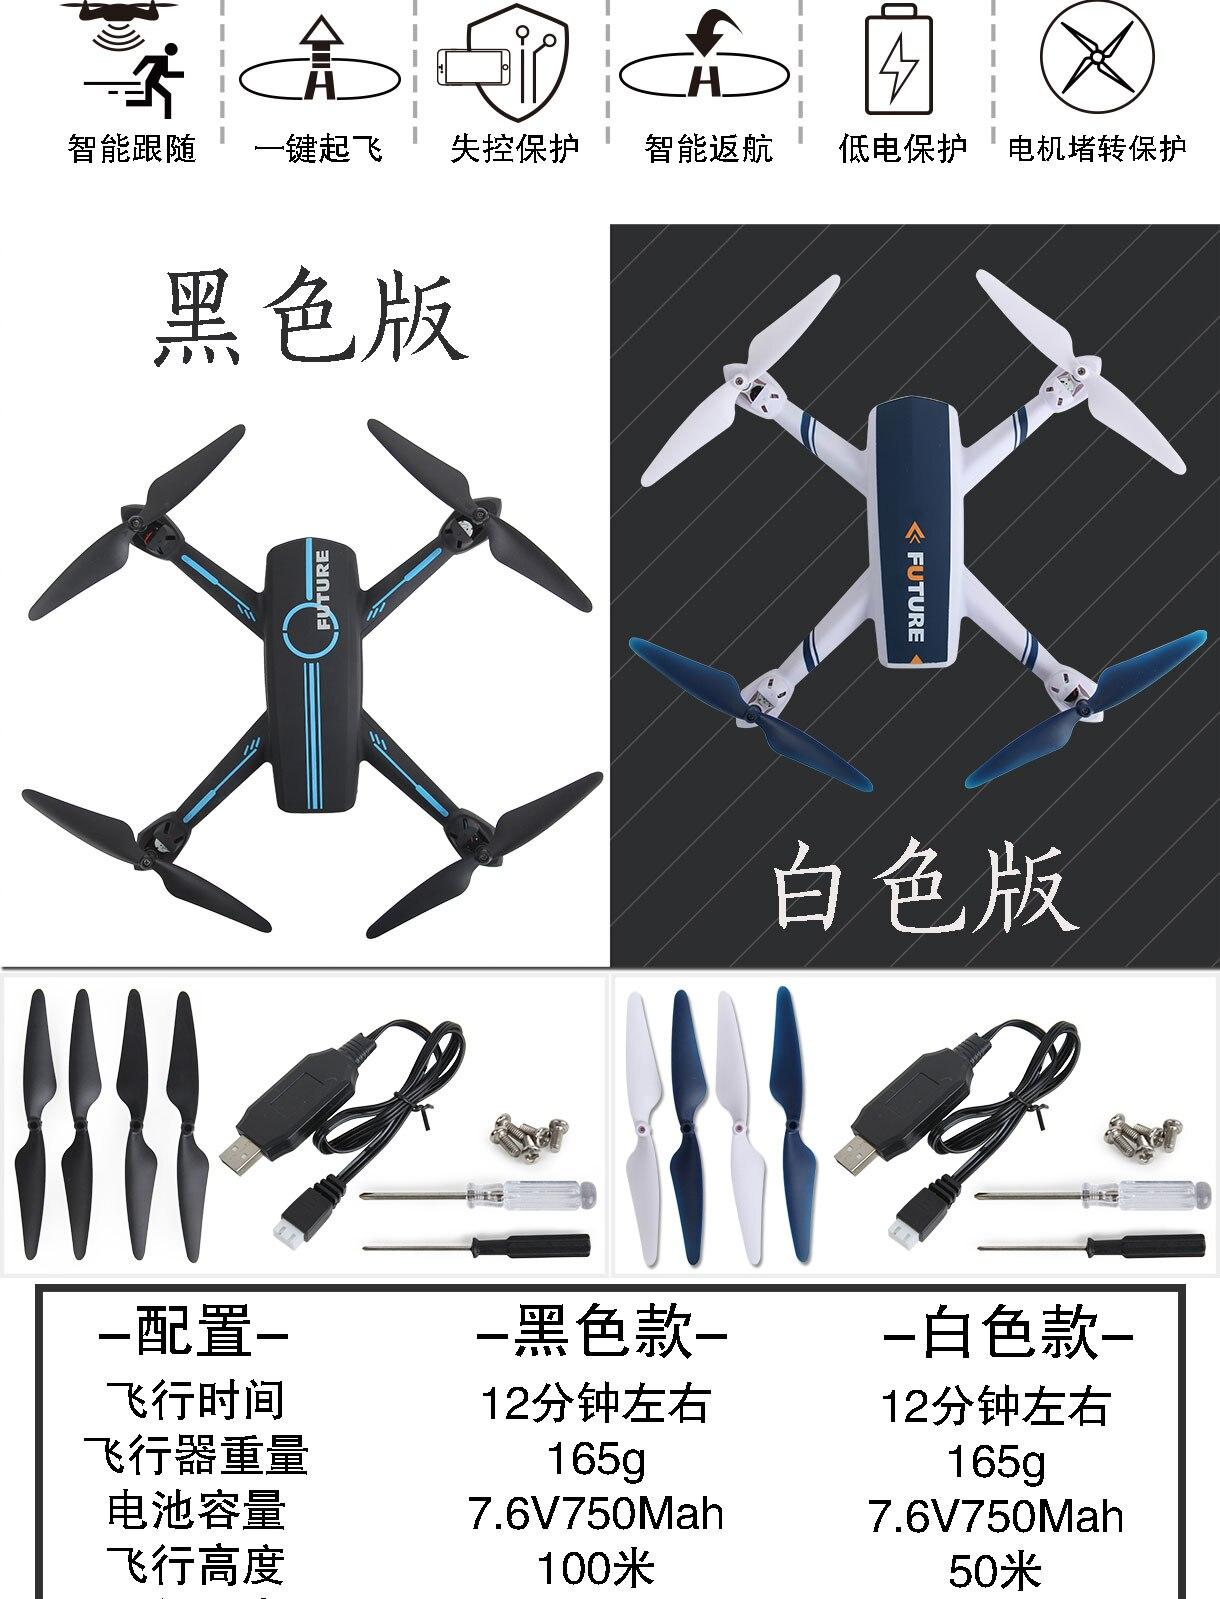 WIFI FPV RC Drone GPS Mining Punto Drone 528 RC Quadcopter Full HD 720P della Macchina Fotografica di una chiave di prendere off /landing/stop Volo Stabile - 5